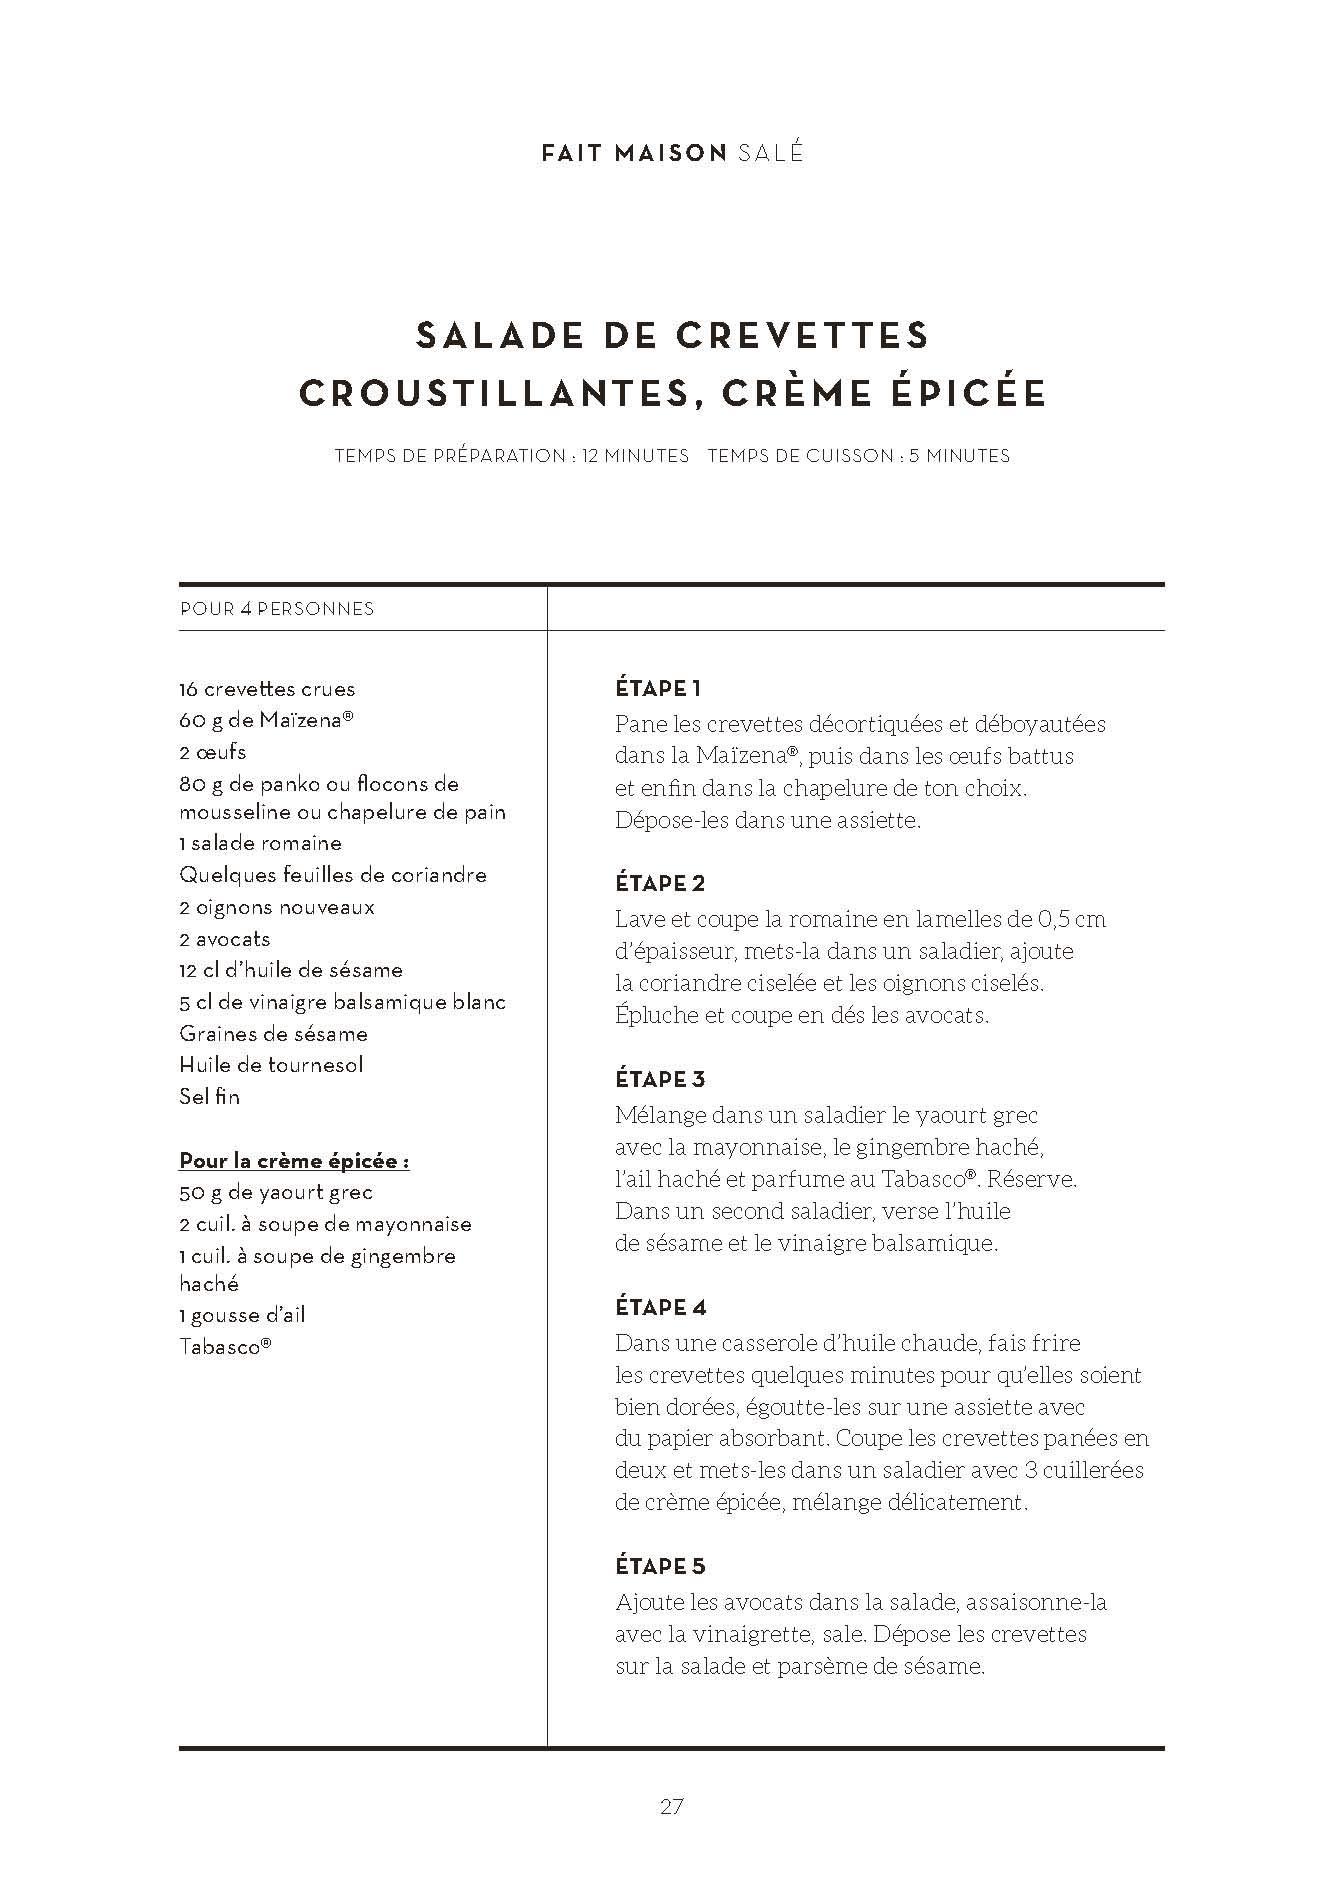 Fait Maison Numero 2 Par Cyril Lignac Cuisine Gastronomie French Edition Lignac Cyril 9782732496351 Amazon Com Books